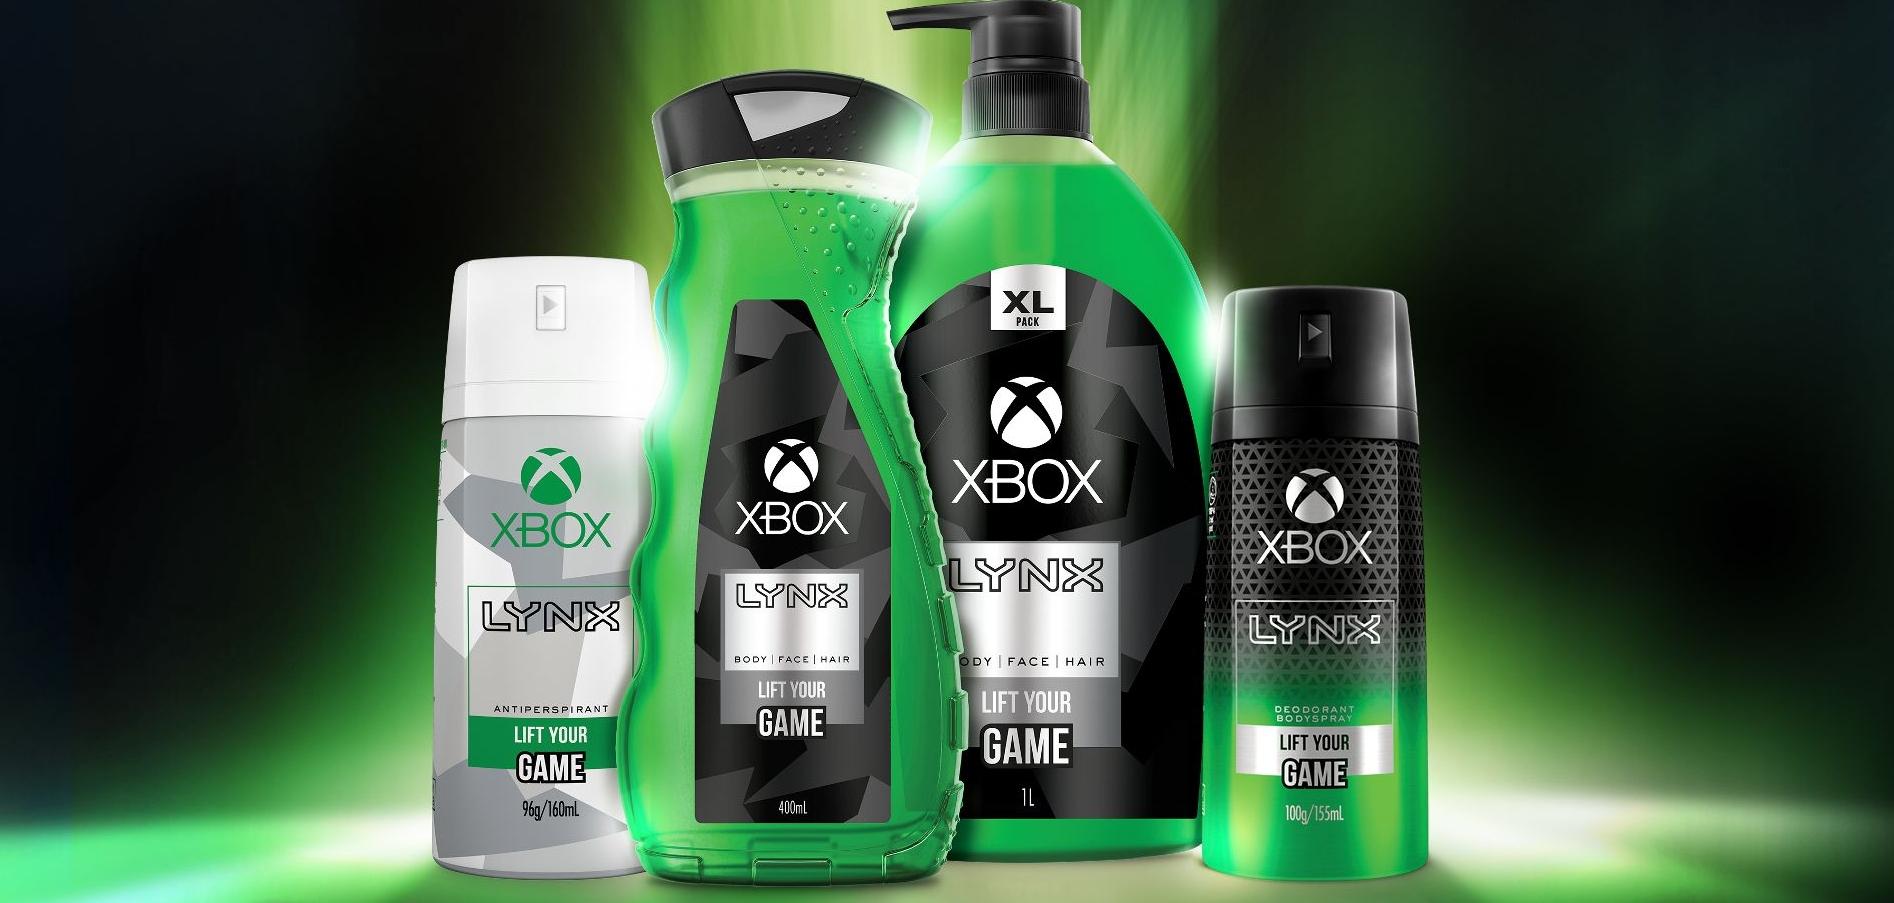 L'Australia e la Nuova Zelanda profumeranno di Xbox